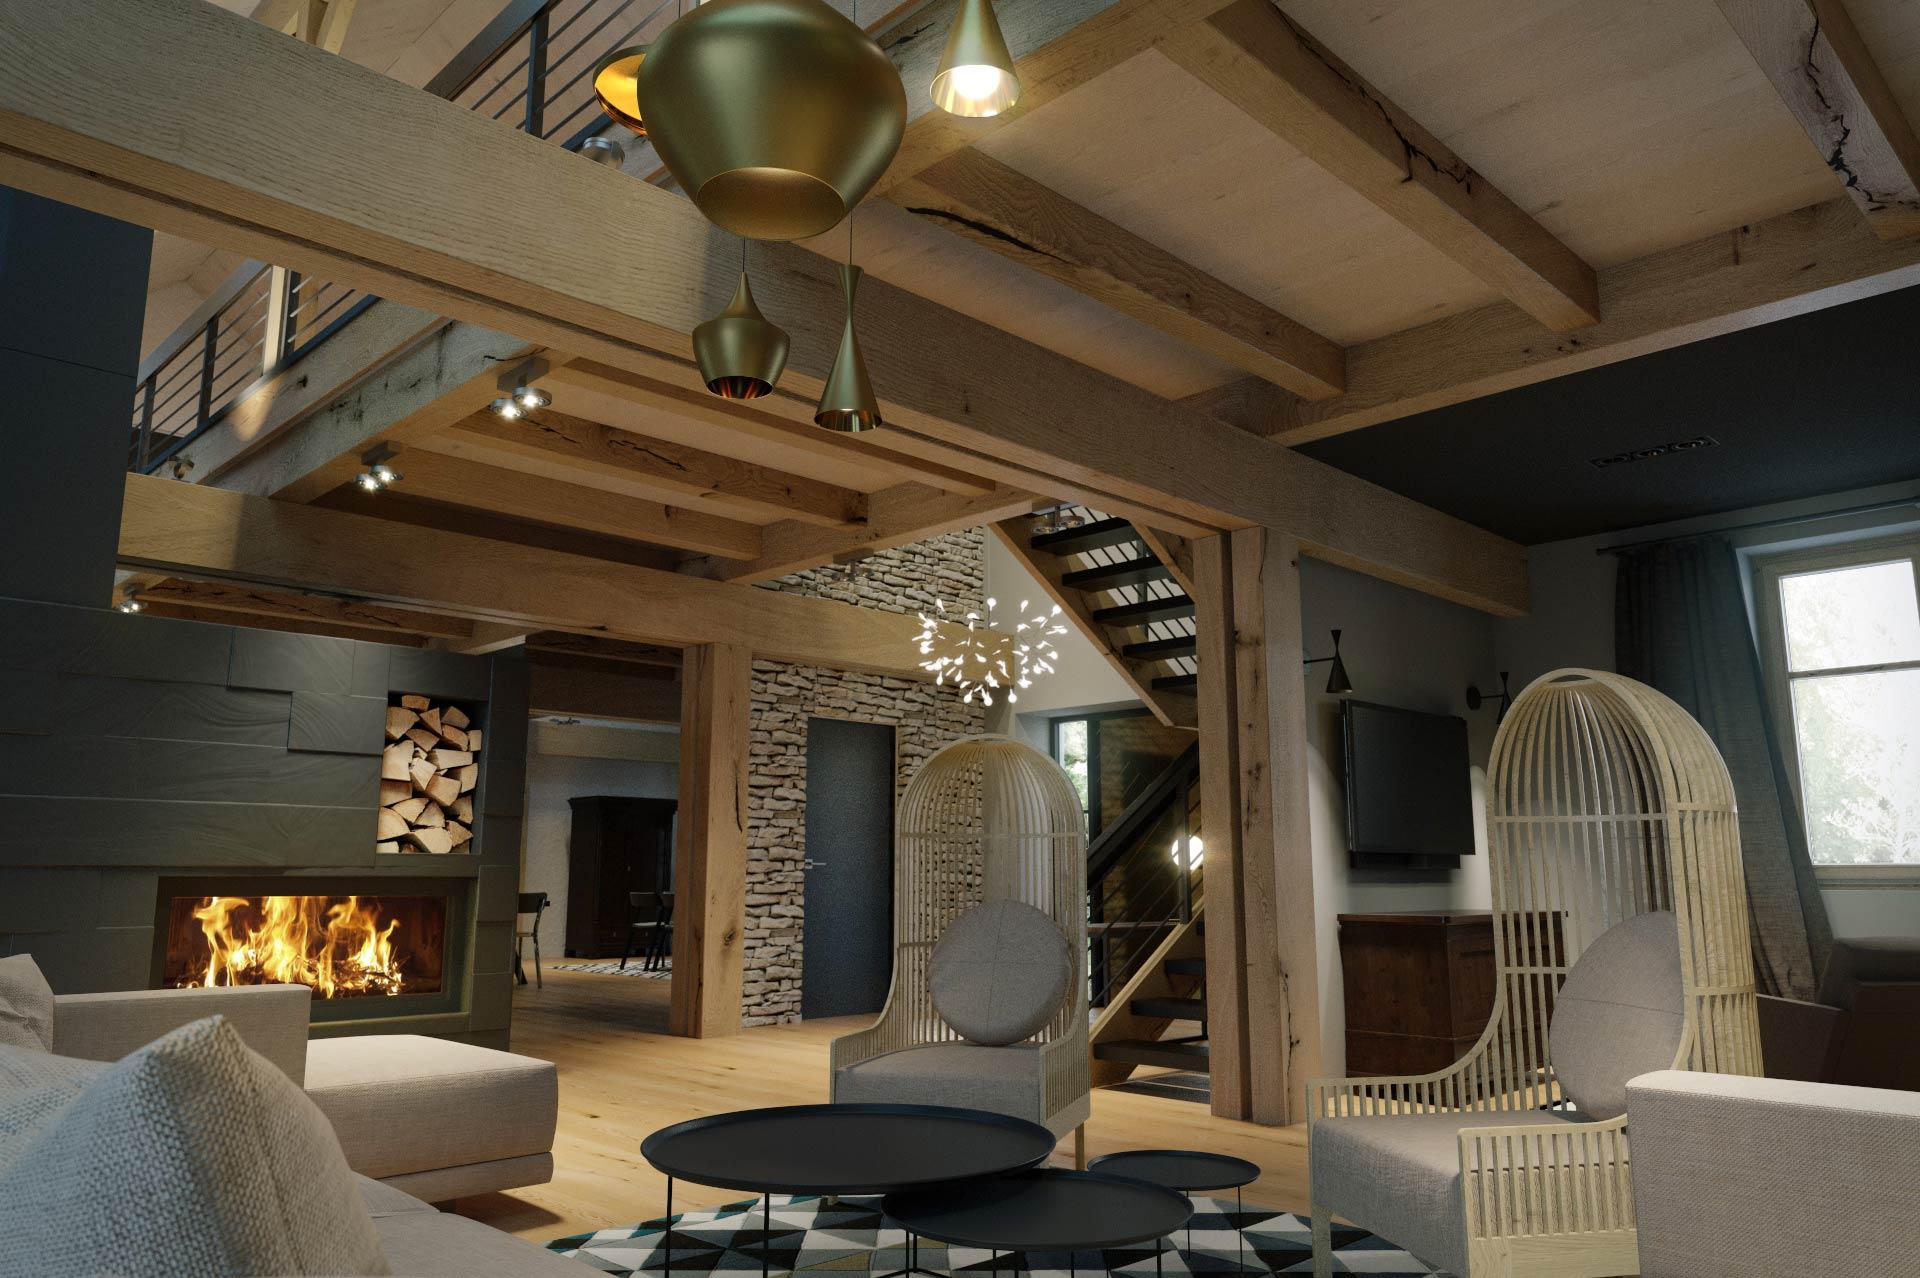 Wizualizacja 3D - salon - luksusowy dom jednorodzinny